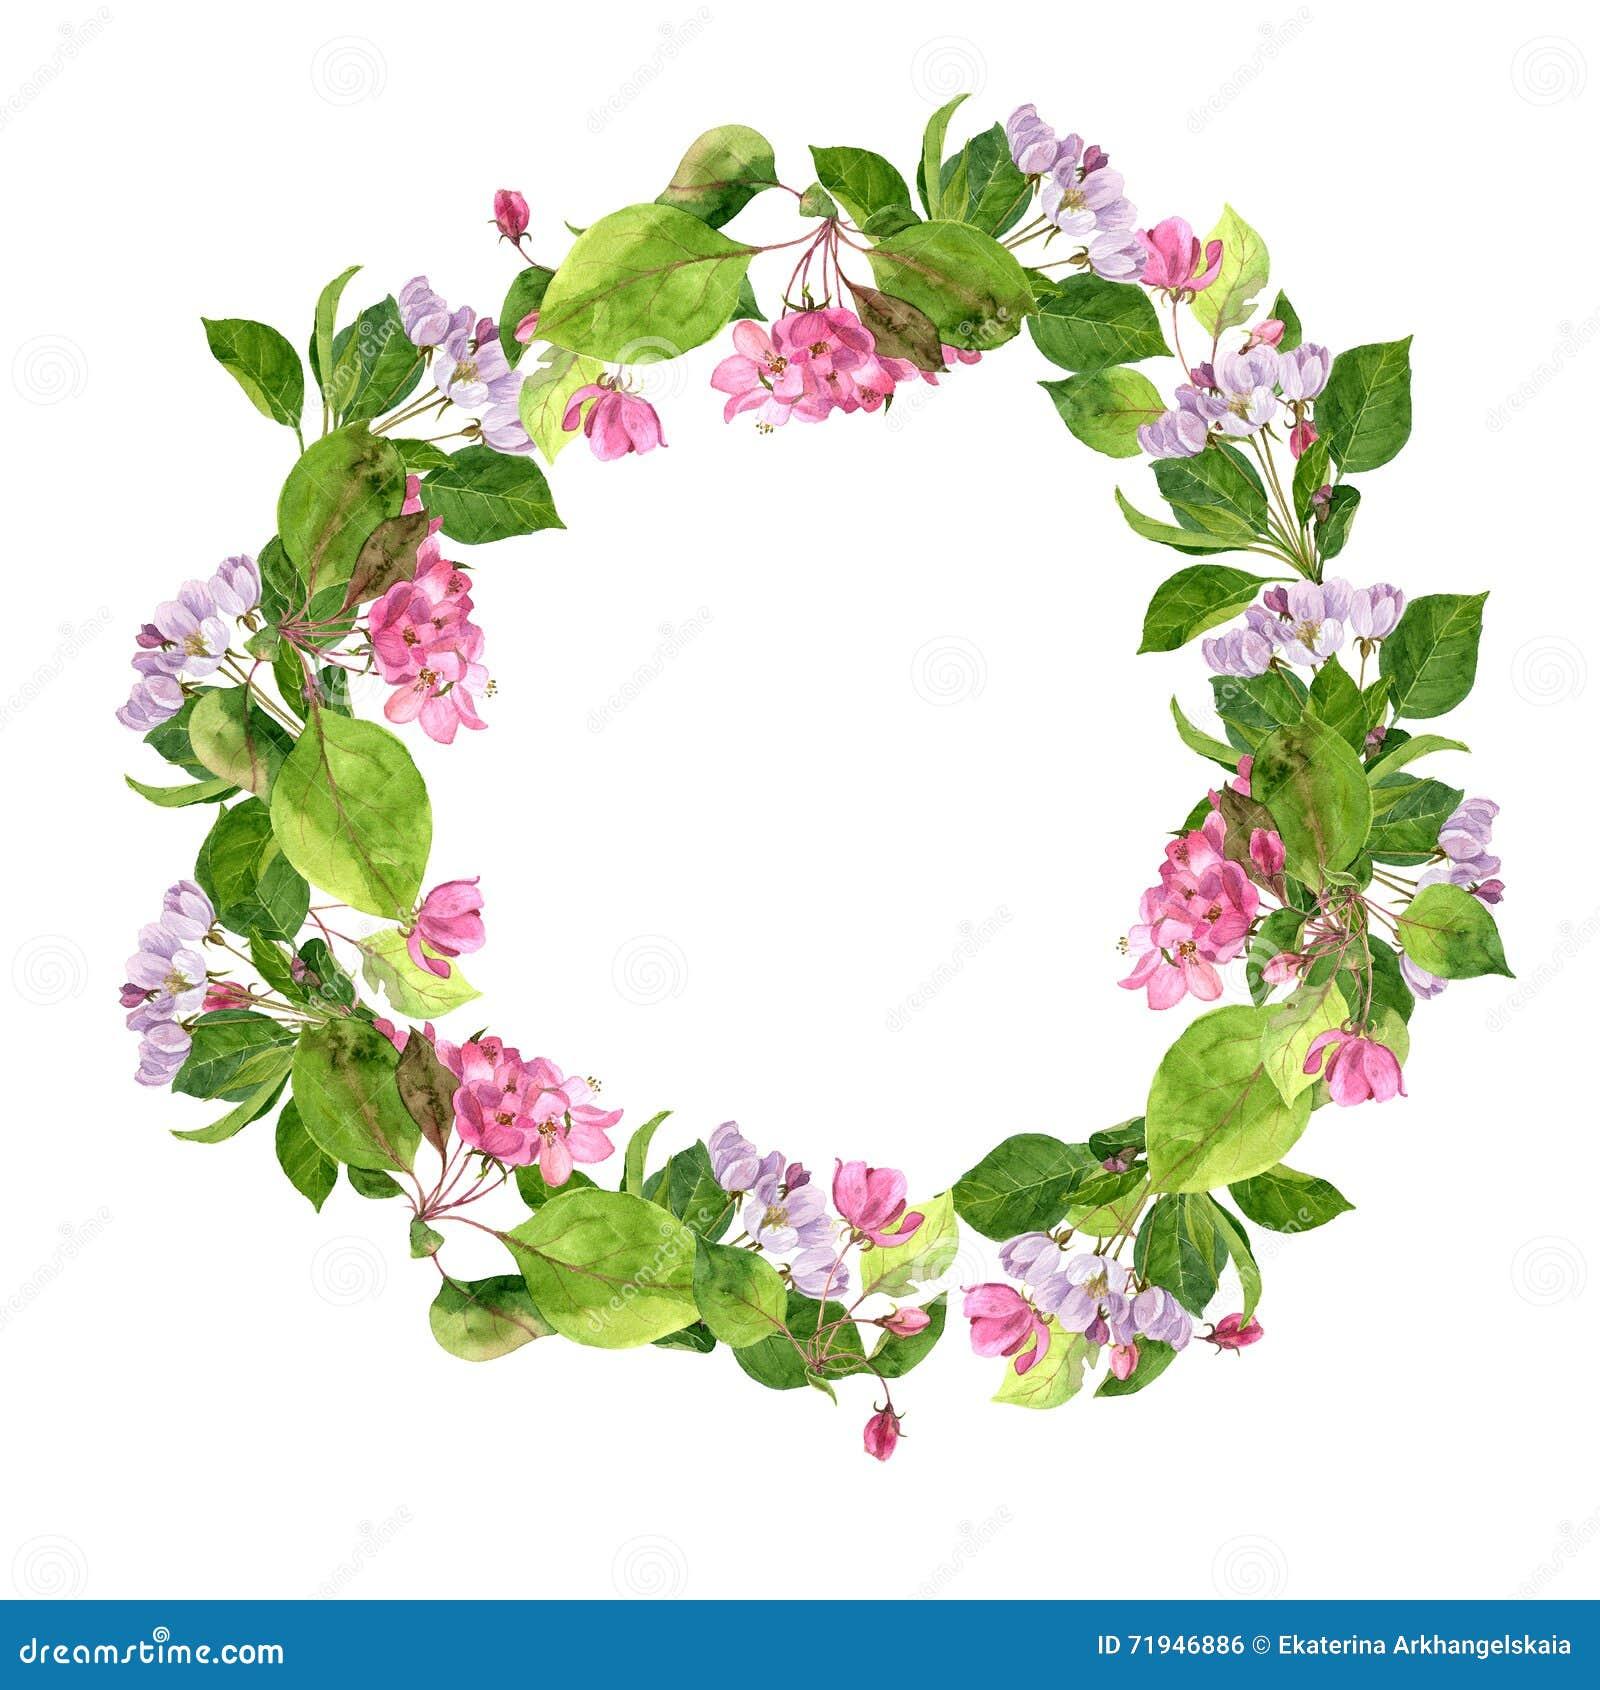 Круглая флористическая рамка с розовыми цветками яблони